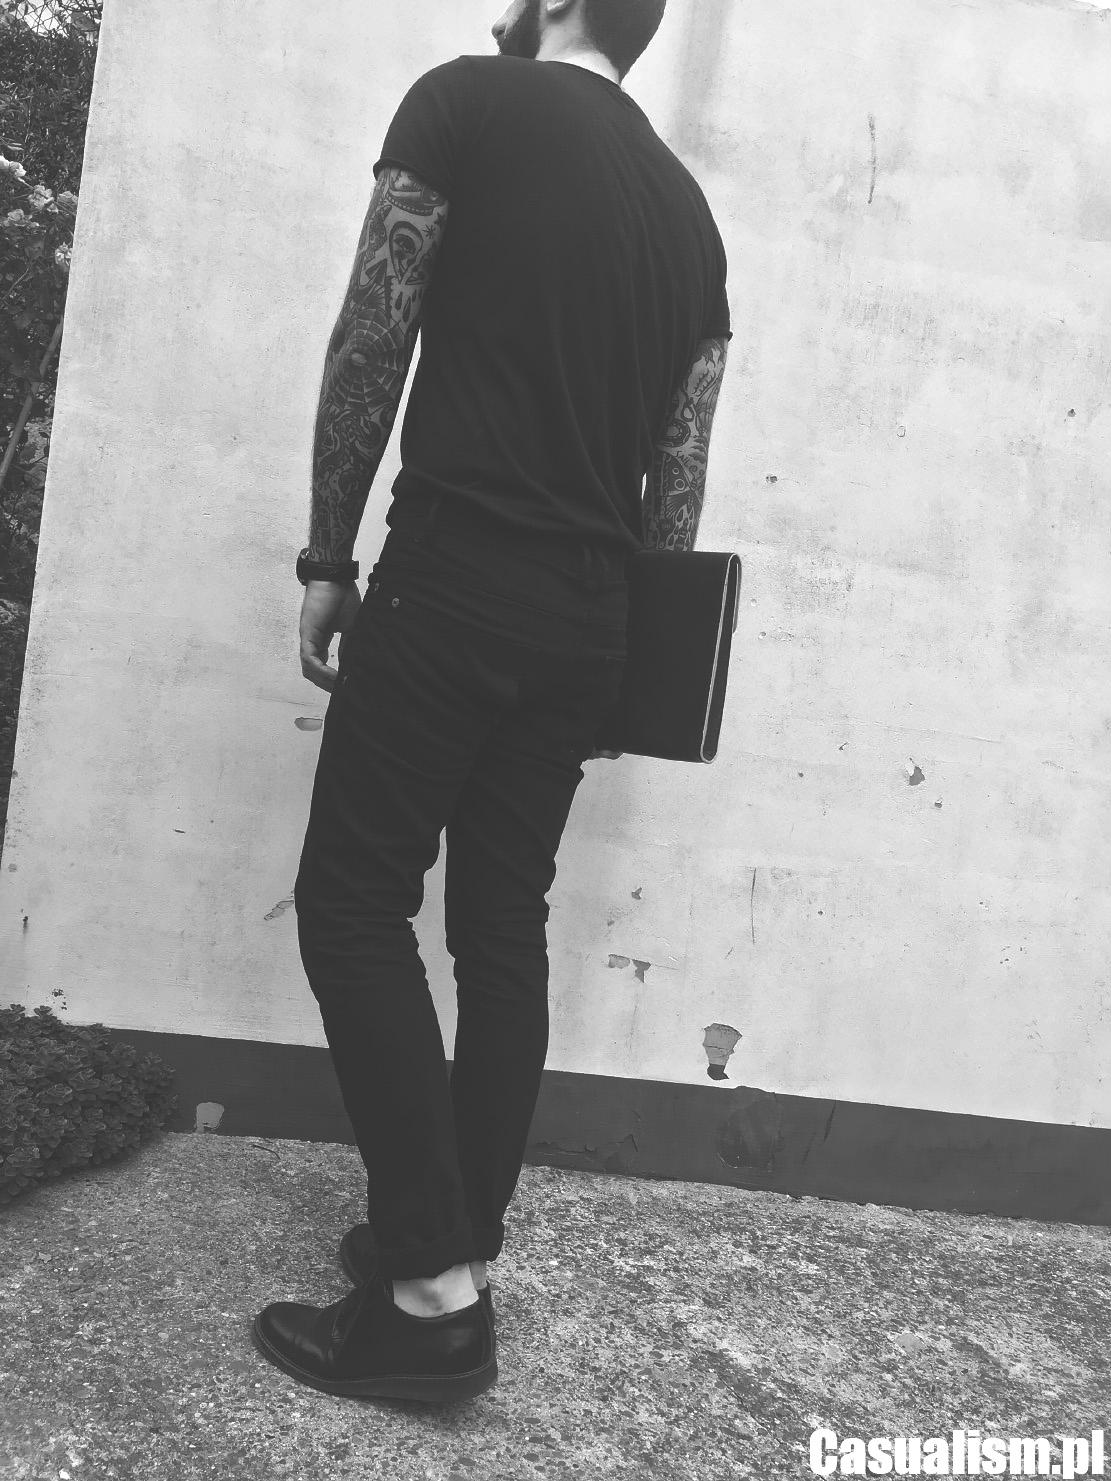 Wąskie jeansy męskie, męski t-shirt czarny, wąskie jeansy dla faceta, derby męskie, buty męskie skórzane, derby buty czarne, styl minimalistyczny, styl streetwear męski.